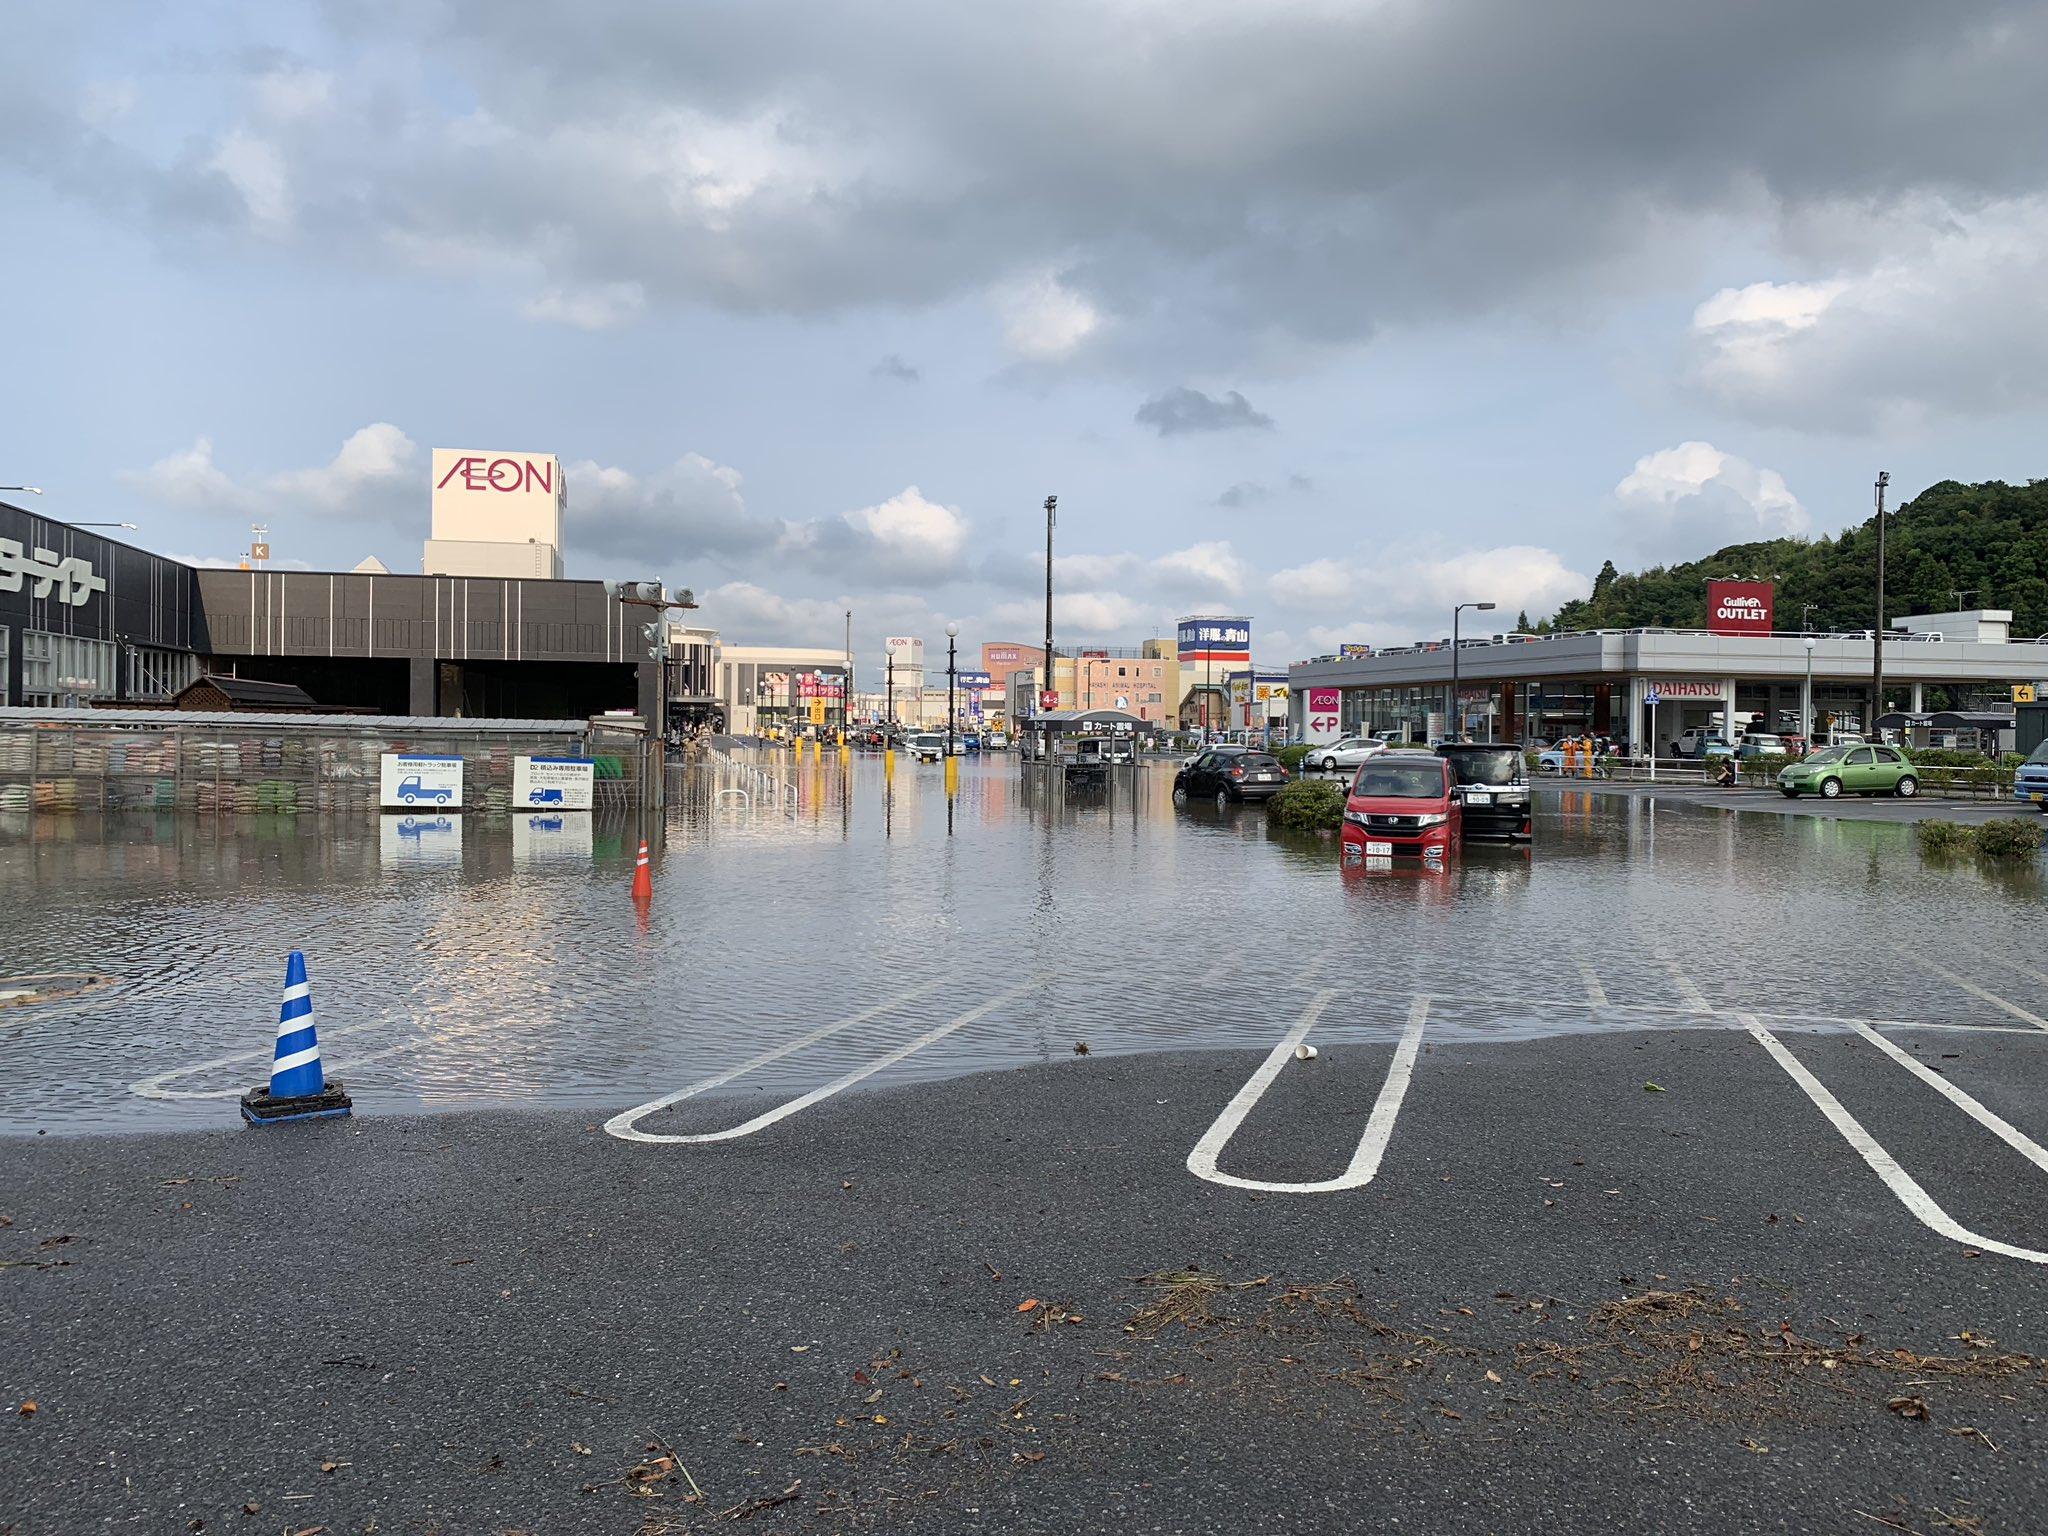 イオン成田の駐車場がゲリラ豪雨で冠水している現場画像